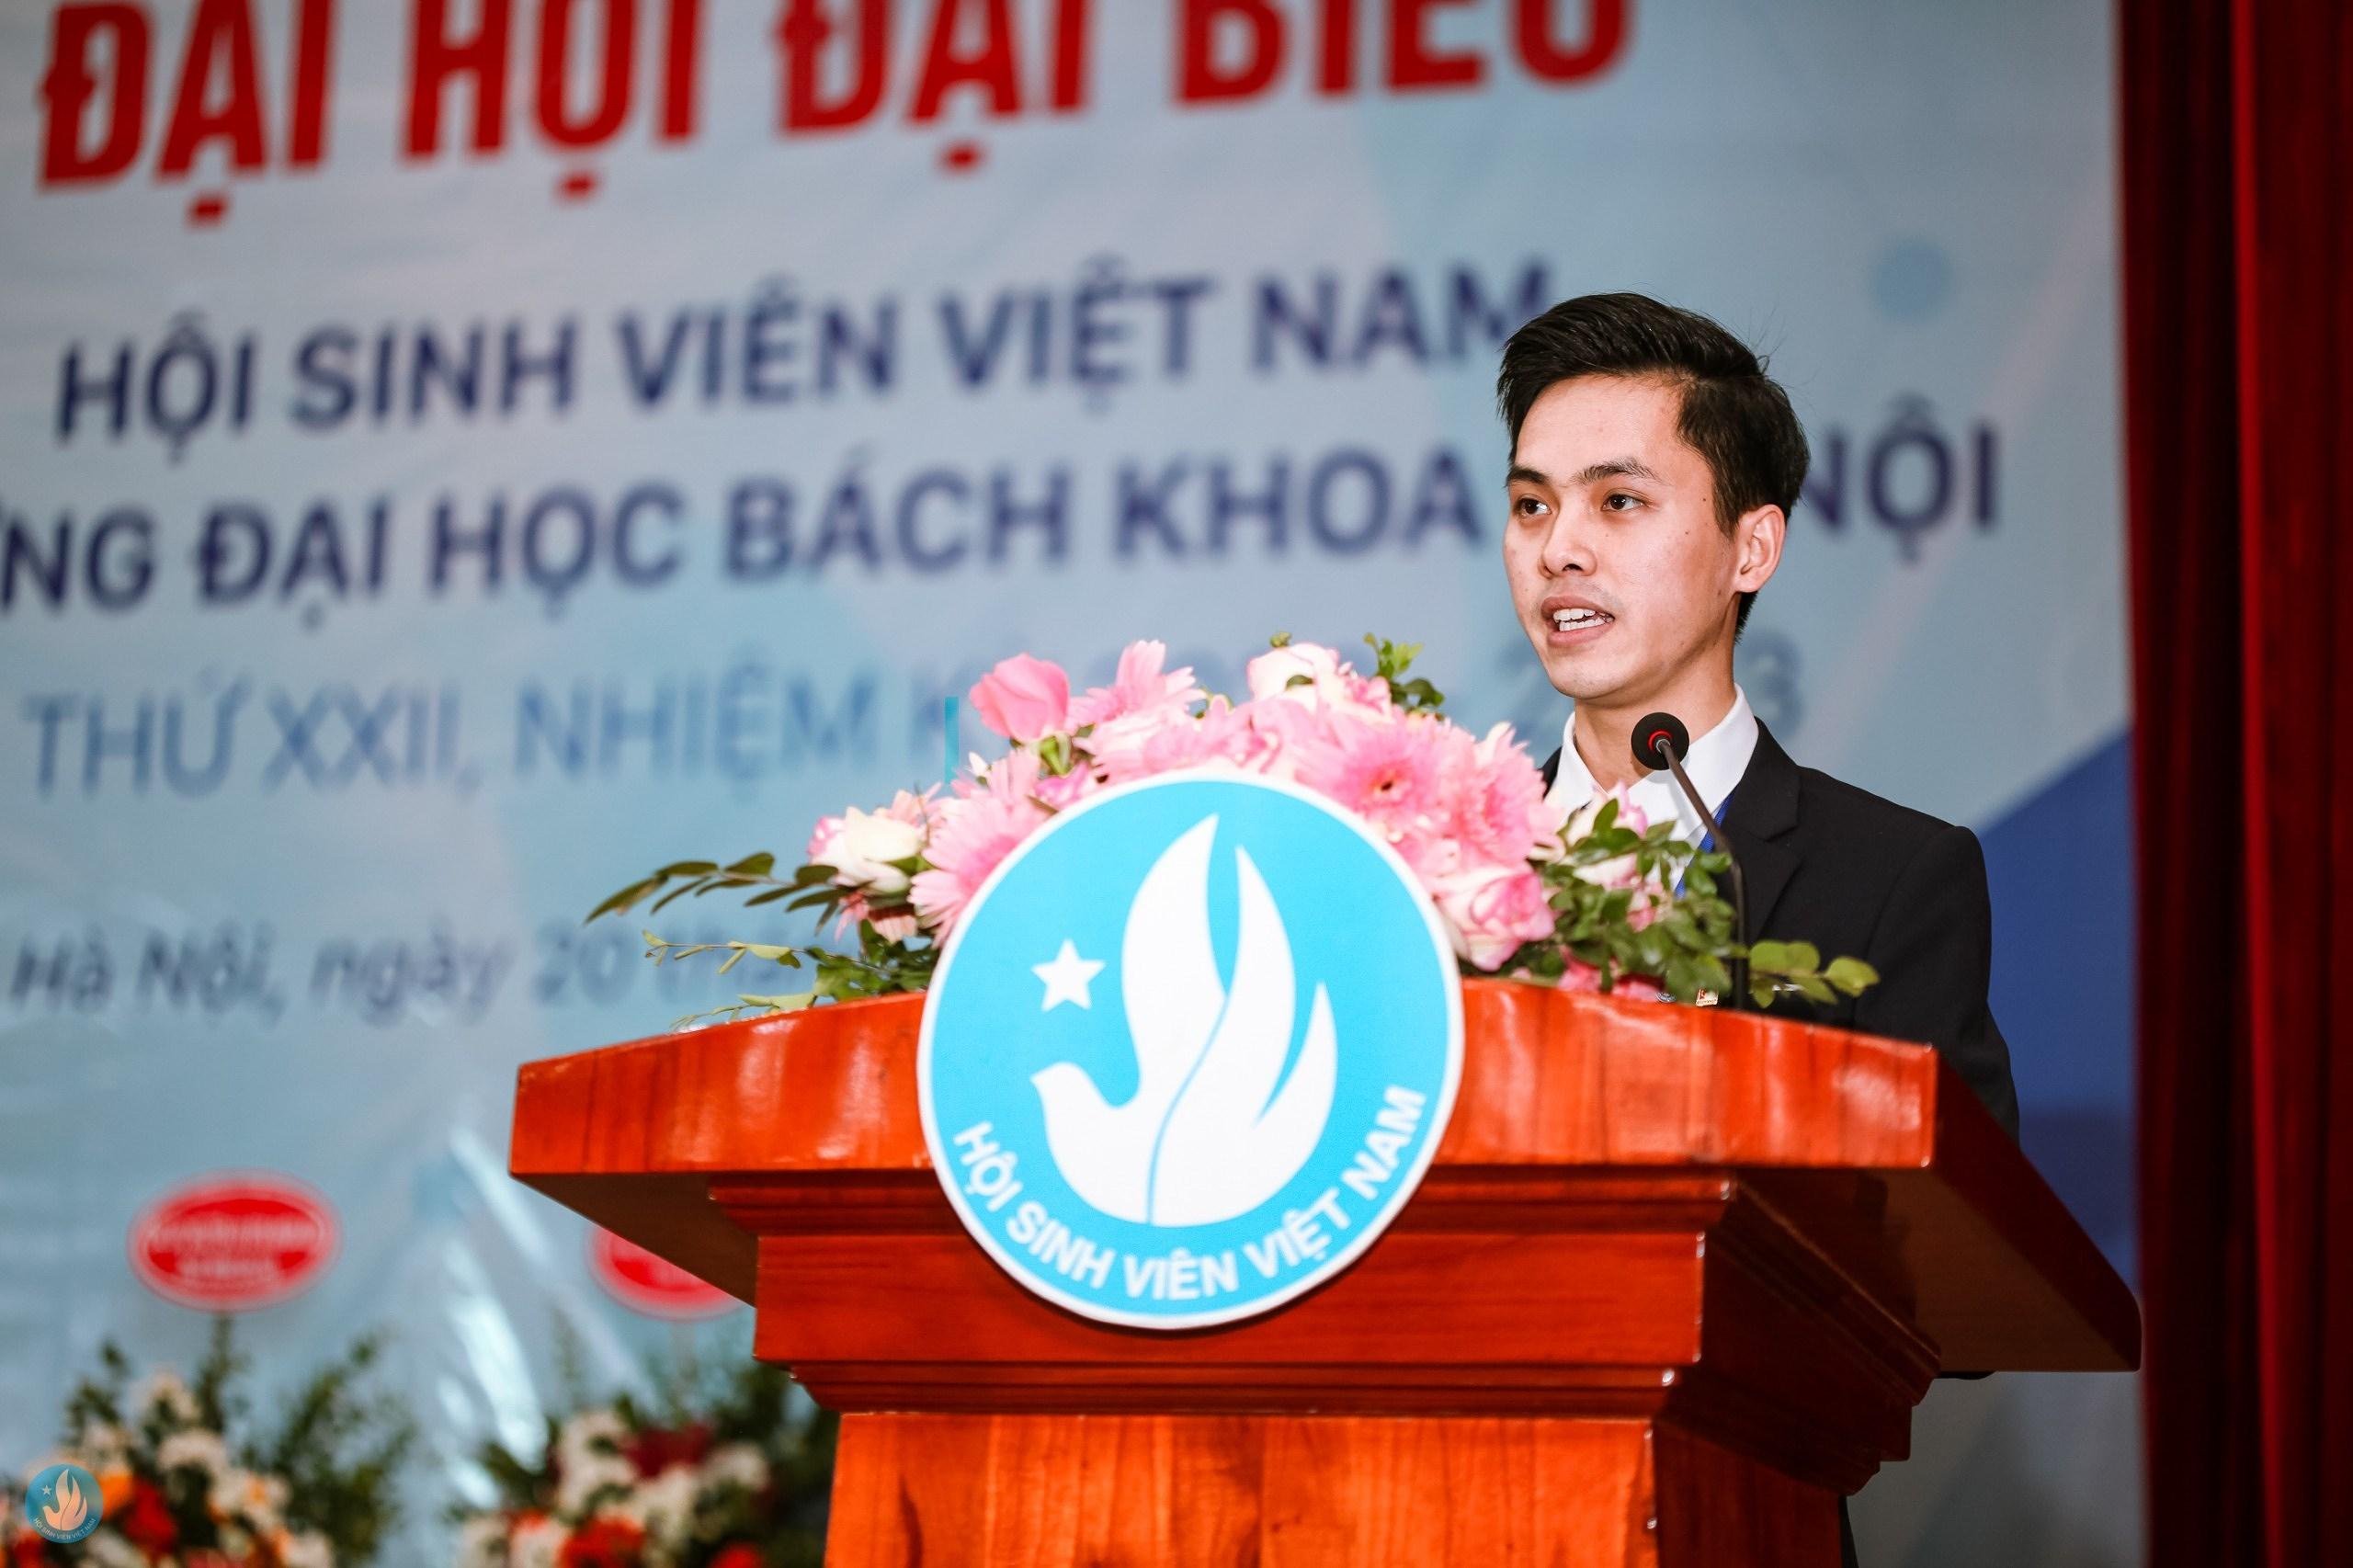 Thắng đã được rèn giũa qua các nhiệm vụ được giao để trở thành một đảng viên trẻ. (Ảnh: NVCC)